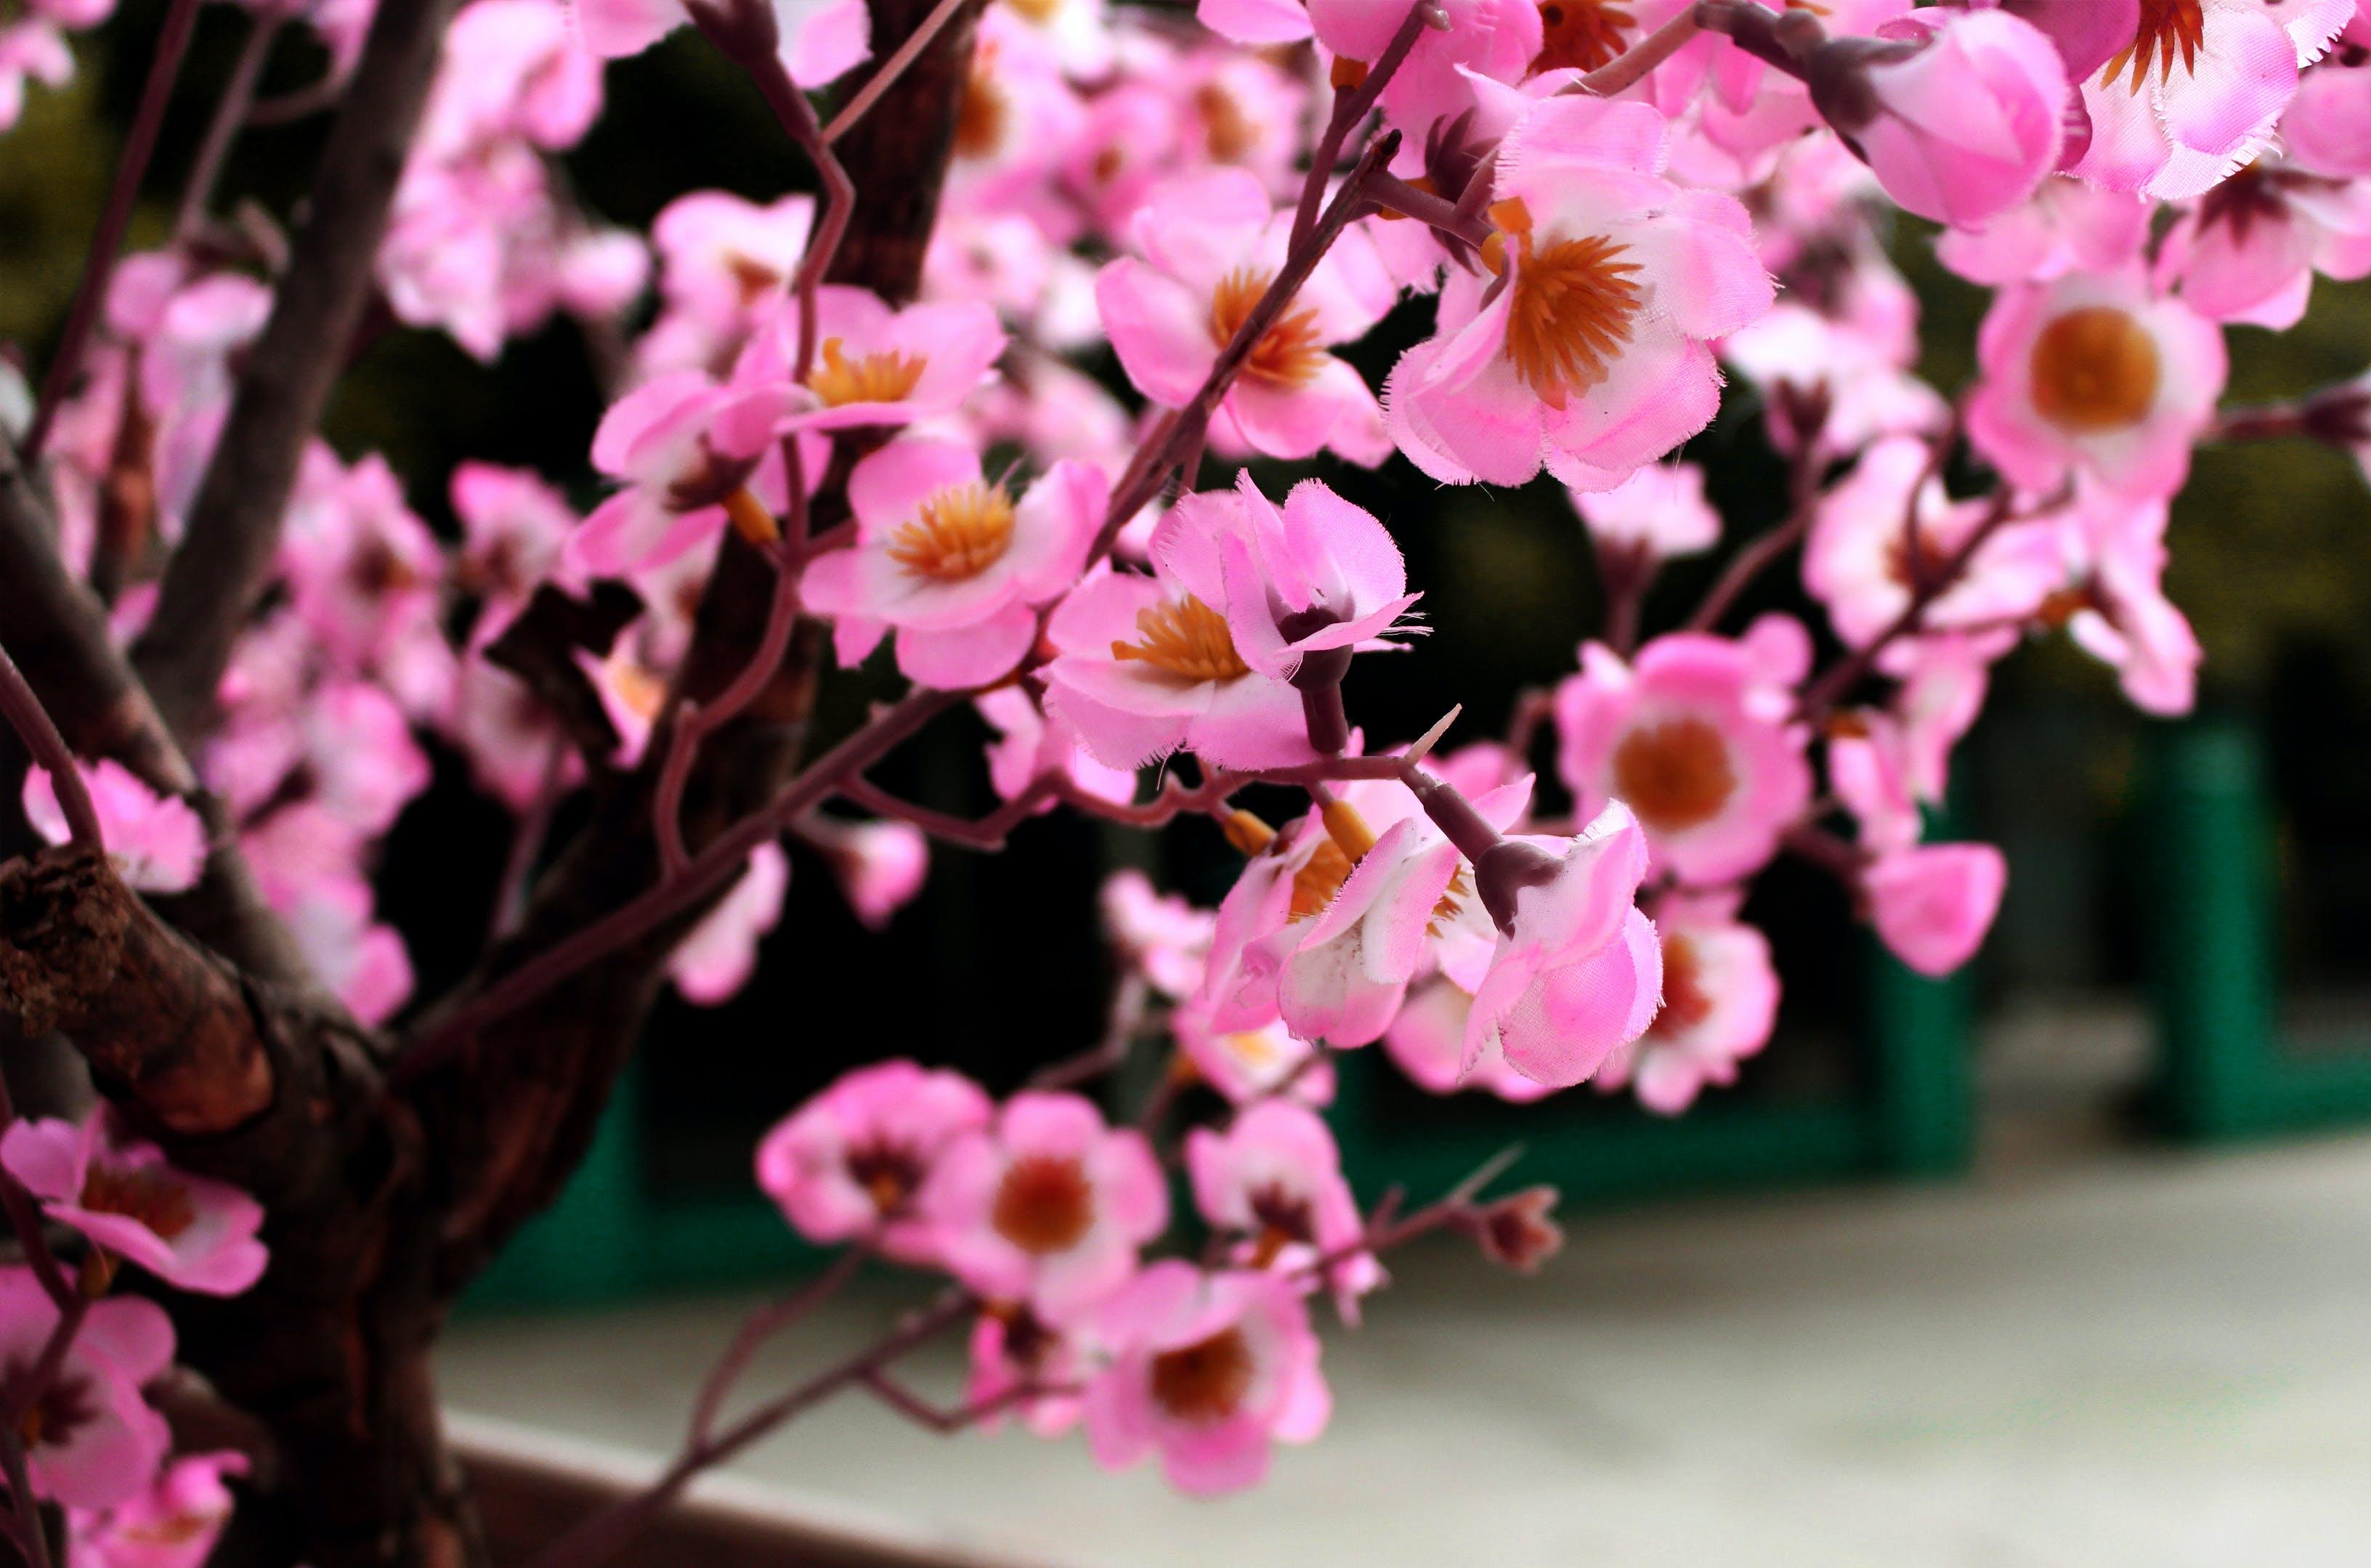 Δωρεάν στοκ φωτογραφιών με sakura, άνθη κερασιάς, ανθοφόρο δέντρο, αφηρημένο φόντο